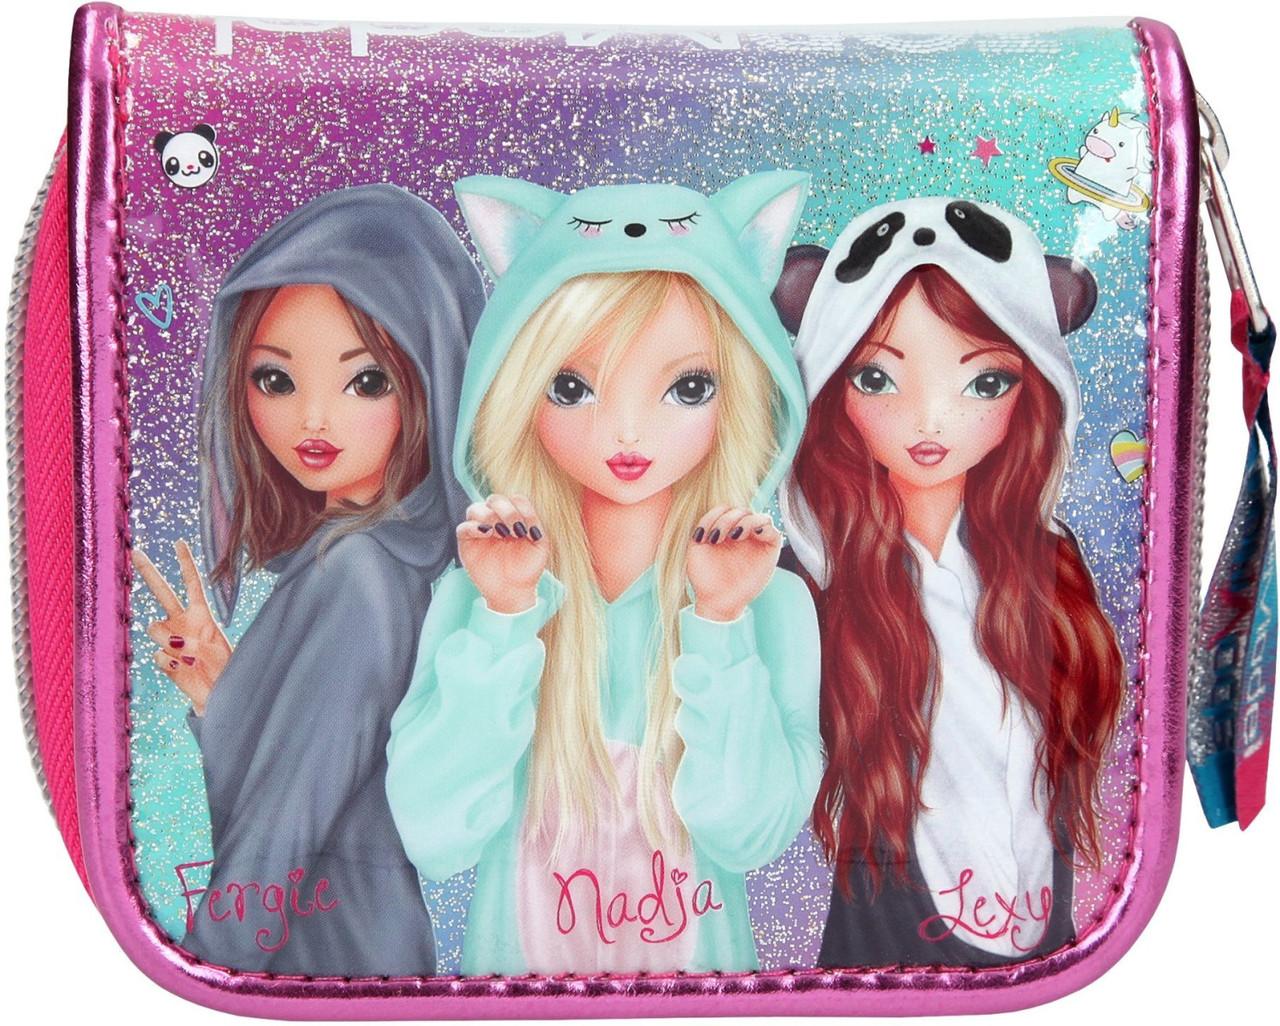 Гаманець ТОР Model 3 Подруги Pink Friends  10152 (Top-Model Кошелёк Top Model Фэнтези Друзья розовый 10152 )